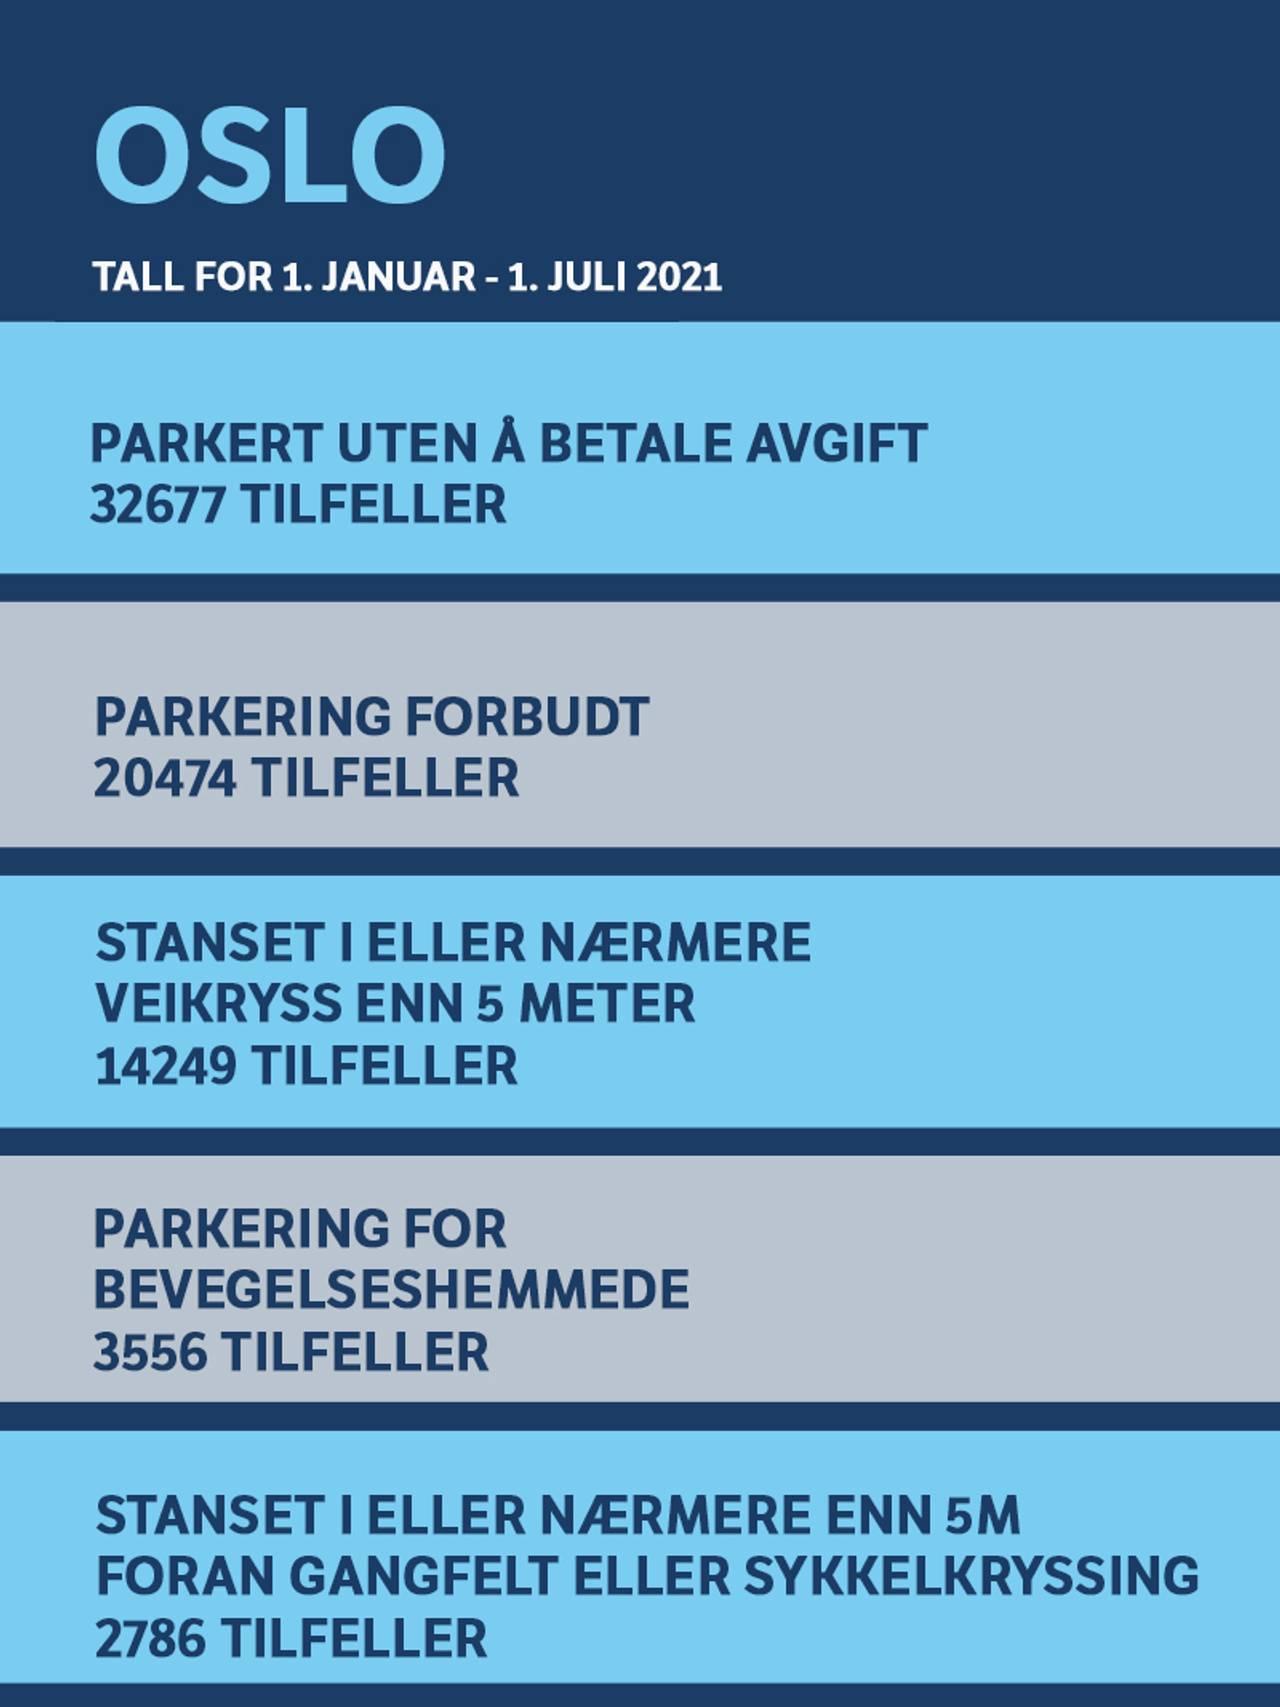 Topp fem parkeringsfeil i Oslo - TALL FOR 1. JANUAR - 1. JULI 2021 1. PARKERT UTEN Å BETALE AVGIFT (32 677) 2. PARKERING FORBUDT (20 474) 3. STANSET I ELLER NÆRMERE VEIKRYSS ENN 5 METER (14 249) 4. PARKERING FOR BEVEGELSESHEMMEDE (3 556) 5. STANSET I ELLER NÆRMERE ENN 5M FORAN GANGFELT ELLER SYKKELKRYSSING (2 786)